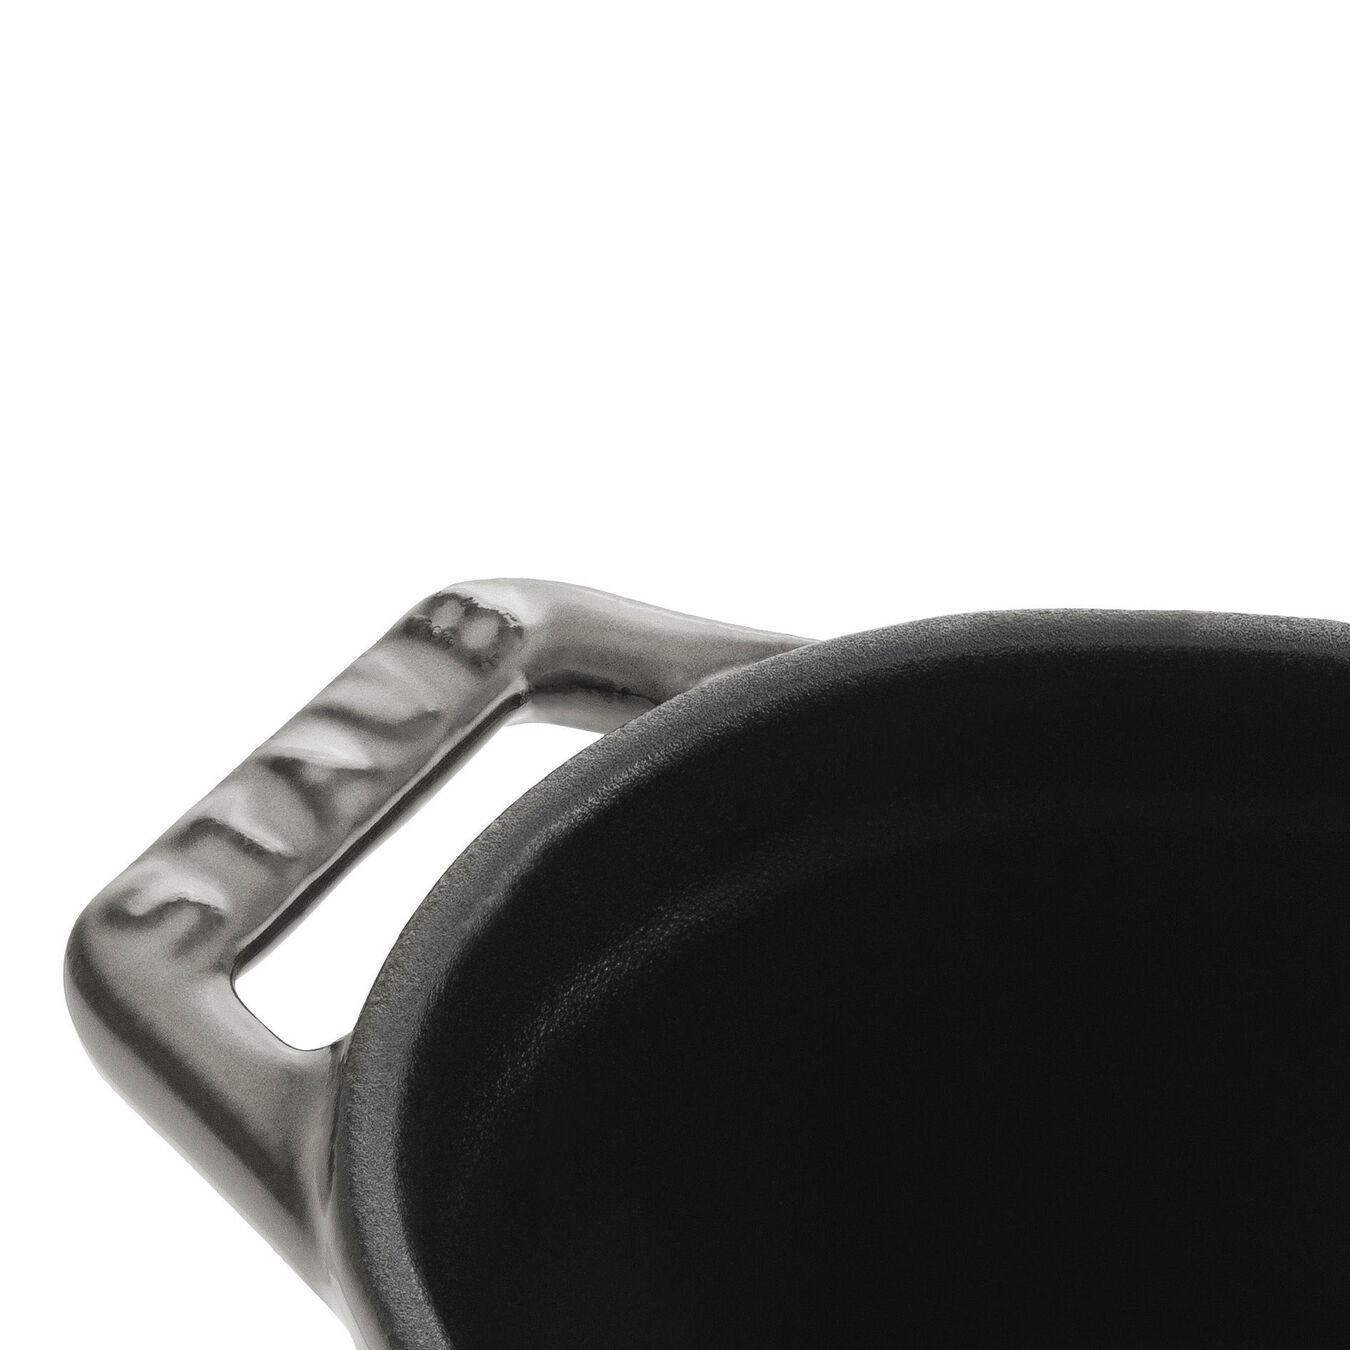 Mini Cocotte 11 cm, Ovale, Gris graphite, Fonte,,large 3